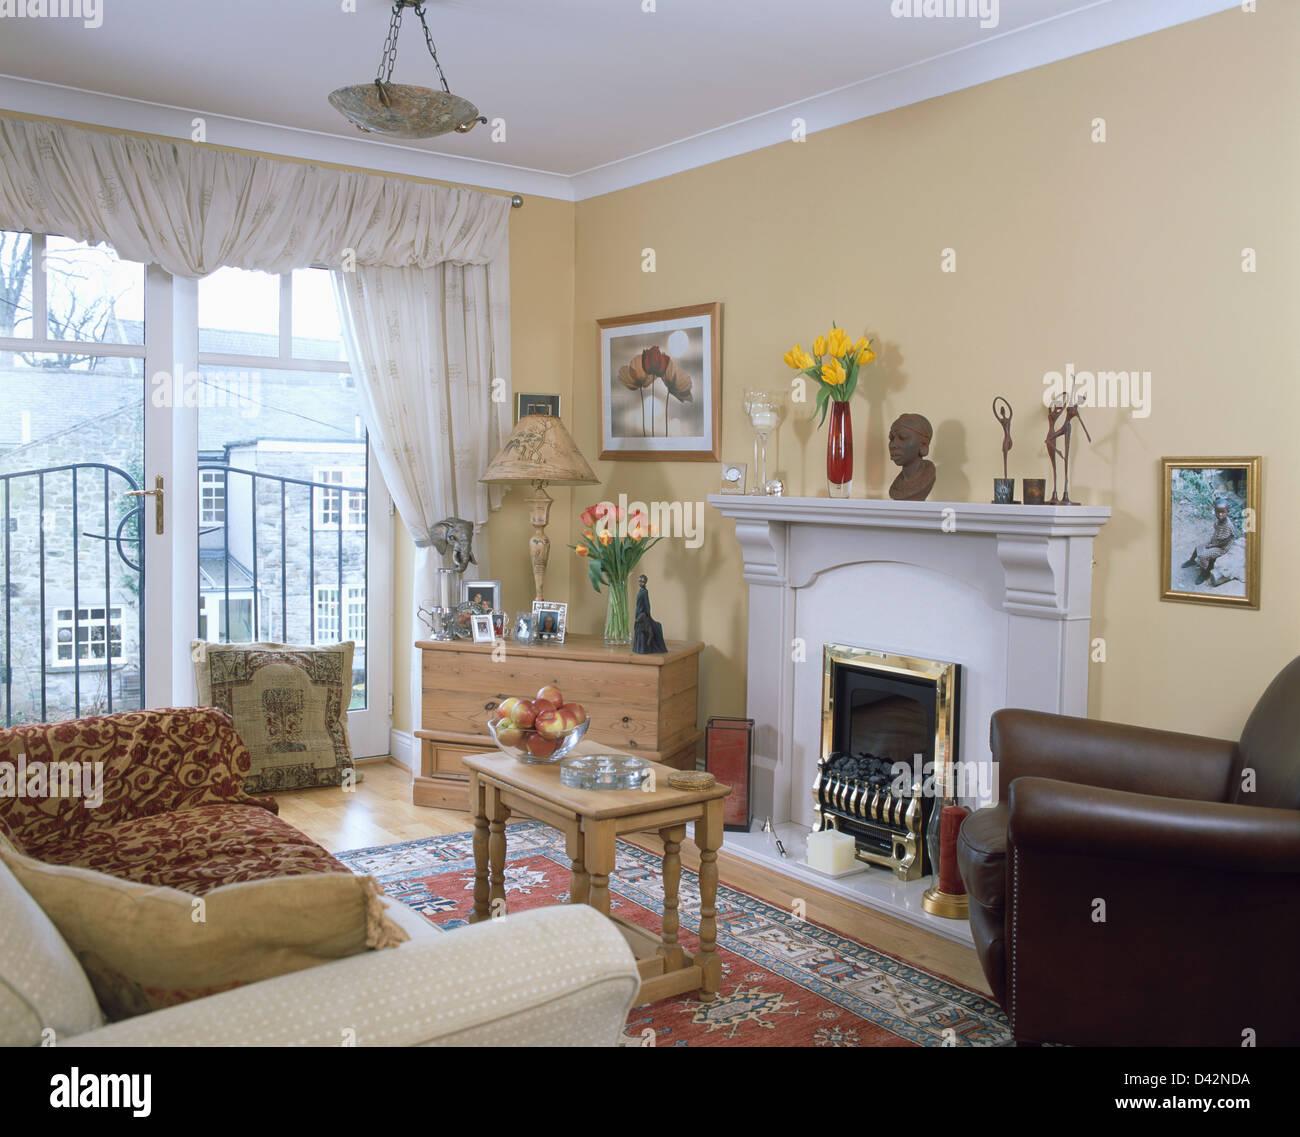 Creme Sofa Und Braunem Lederstuhl Neben Kamin Im Ersten Stock Wohnung  Wohnzimmer Mit Cremefarbenen Vorhängen Auf Französische Fenster